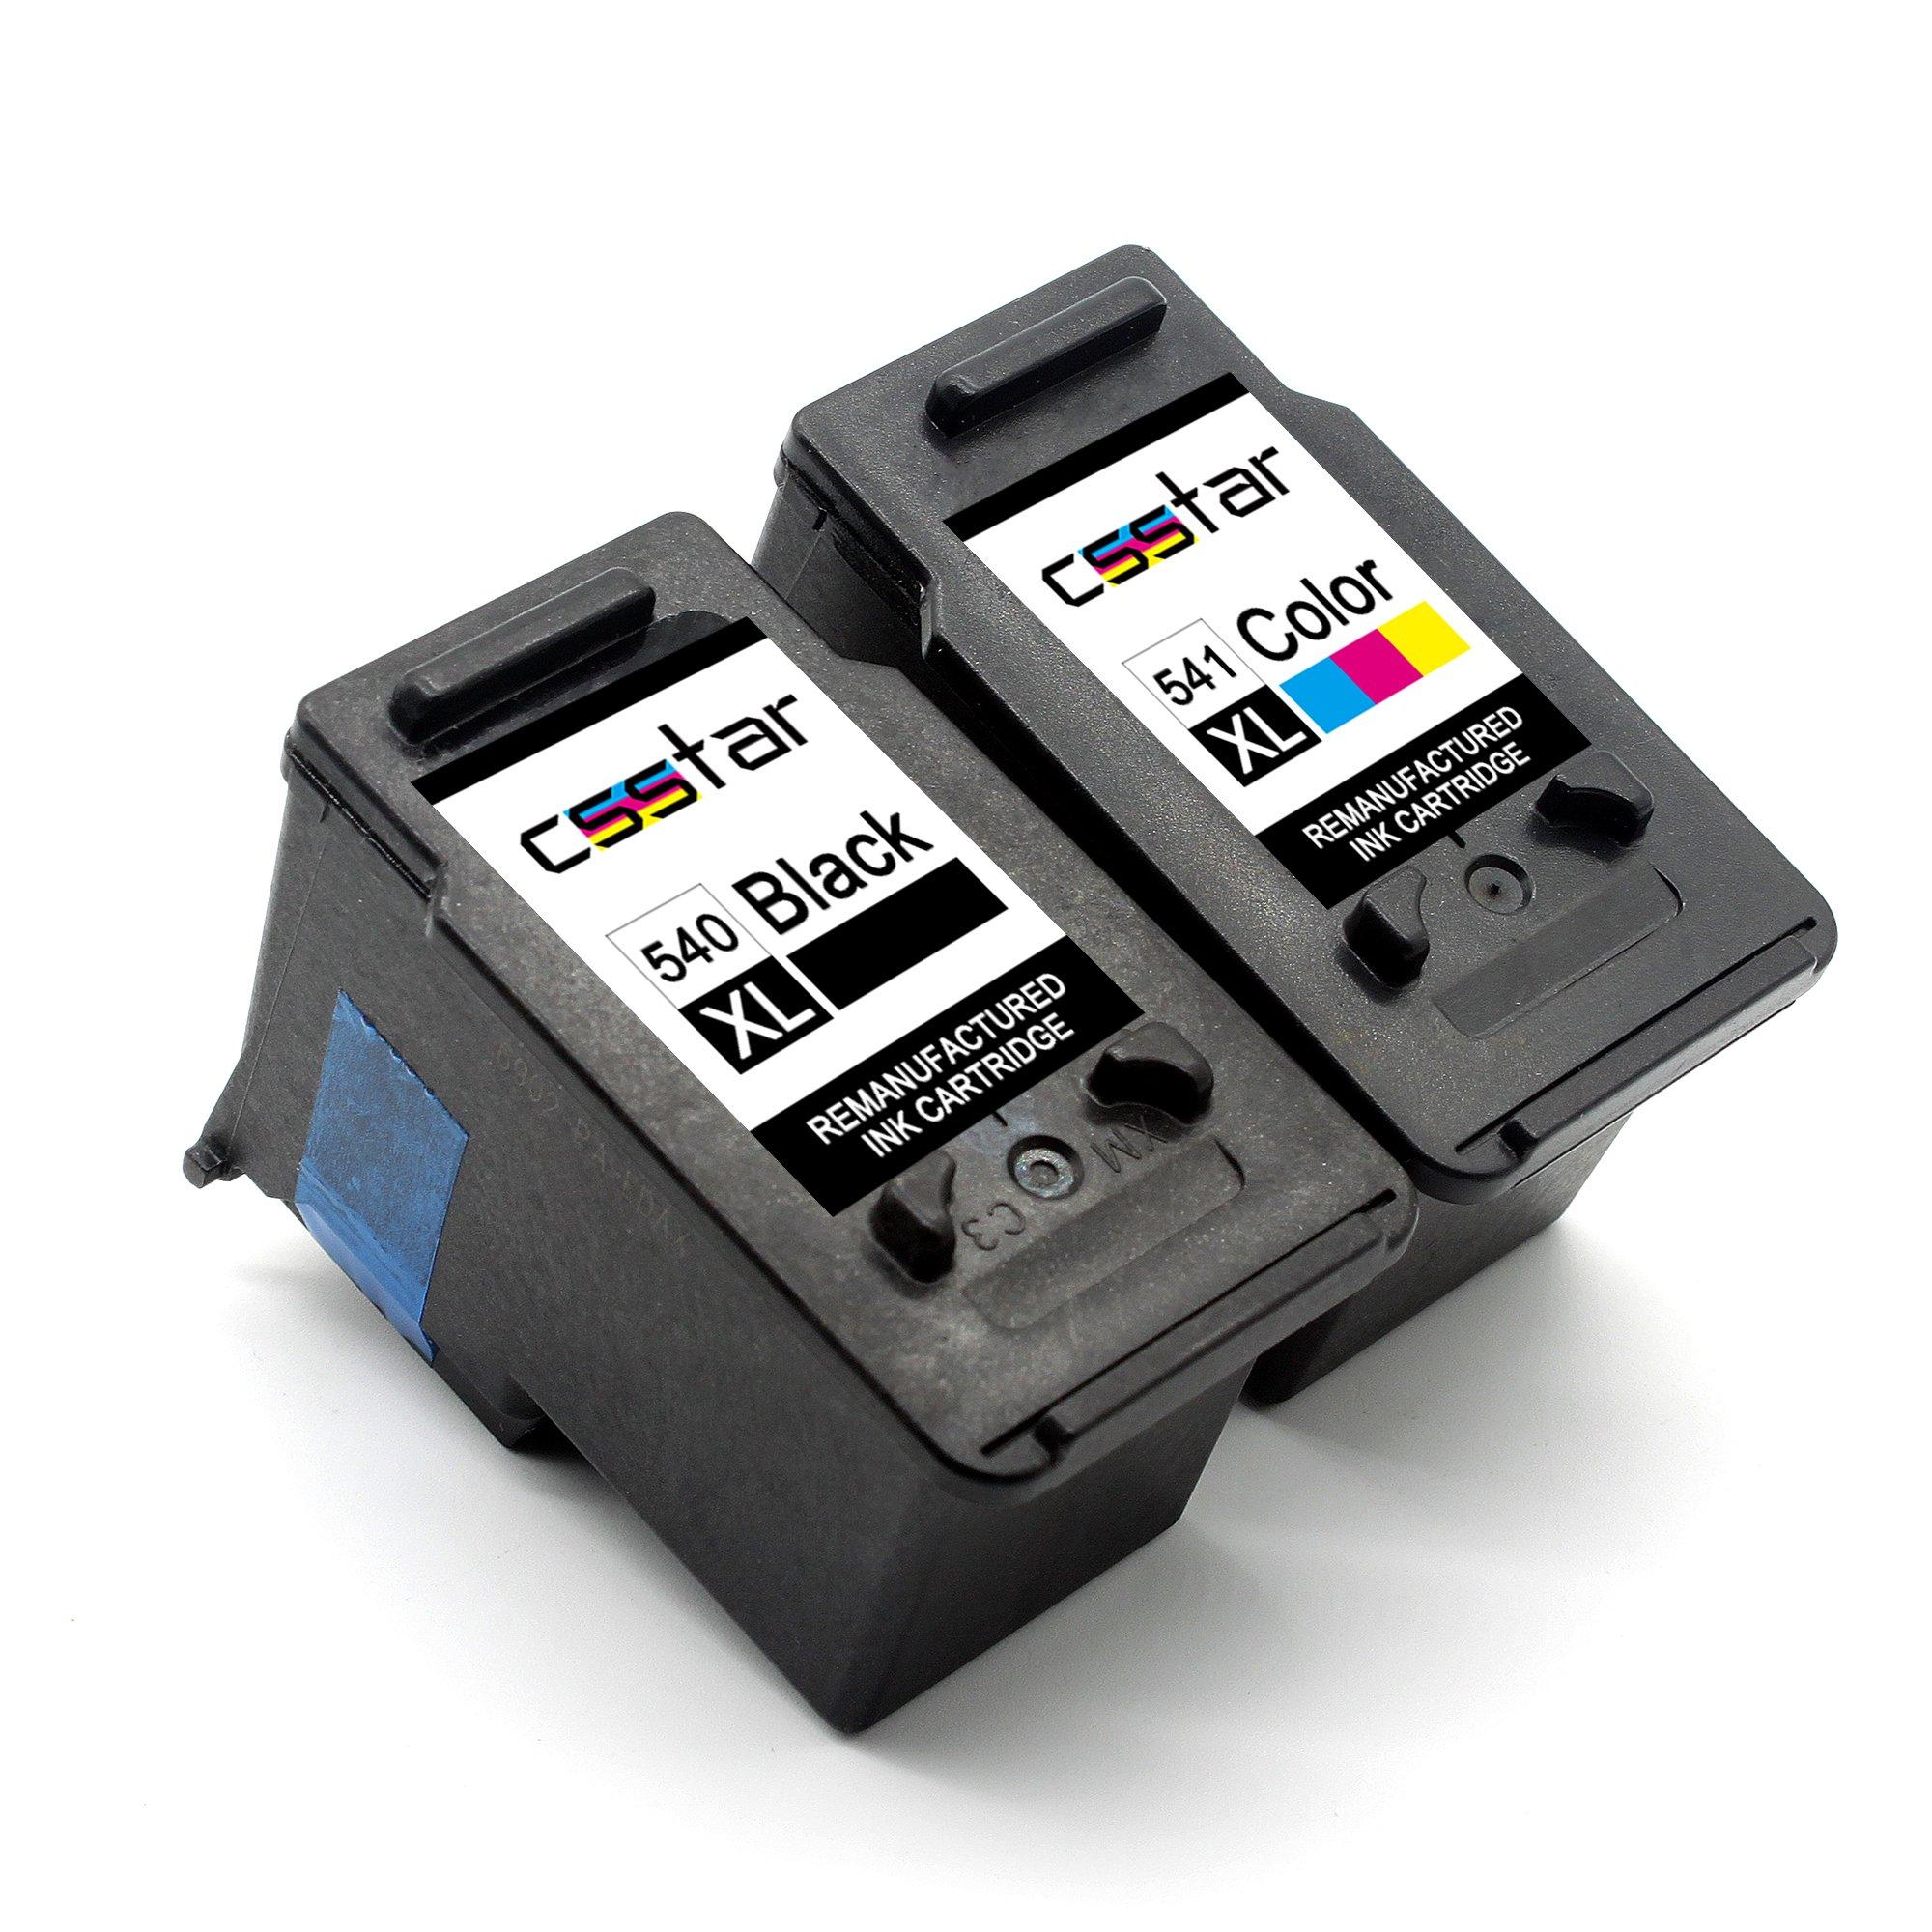 CSSTAR-Wiederaufbereitet-Druckerpatronen-Ersatz-fr-PG-540XL-CL-541XL-fr-Canon-Pixma-MG4250-MG3650-MX535-MG3550-MX395-MG3500-MG3250-MX375-MG3600-MX455-MX435-MG3150-MX515-MG2250-Drucker-Schwarz-Farbe